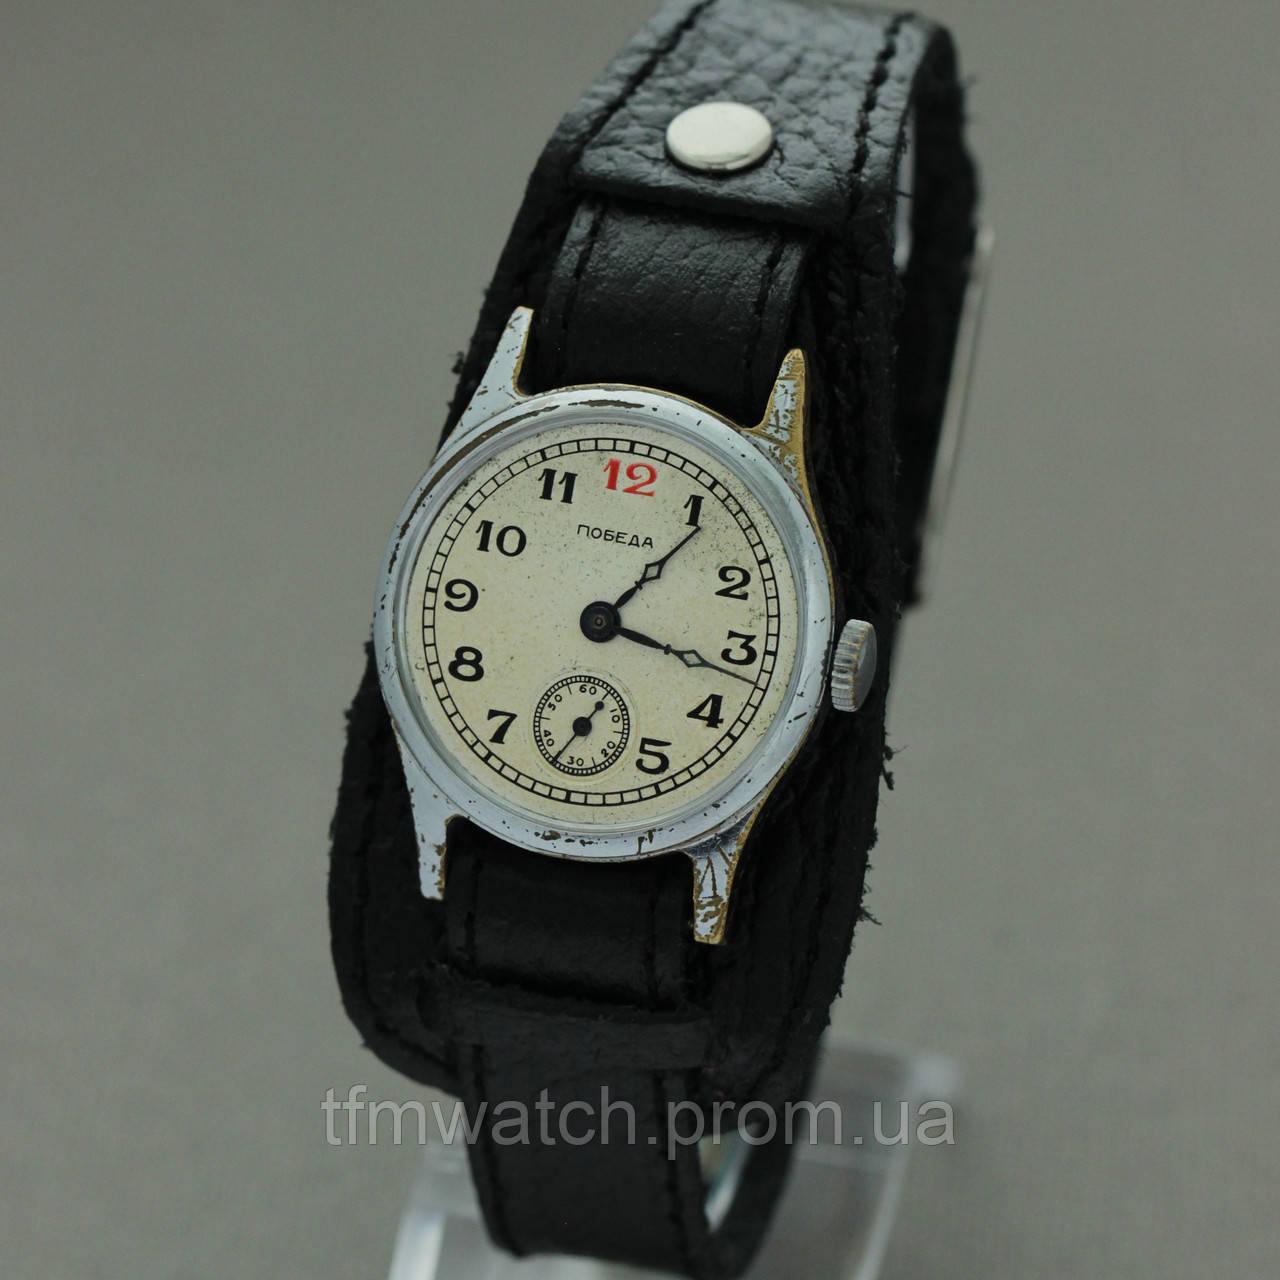 Ссср цена продать часы победа в перспектива швейцарских часов ломбард спб